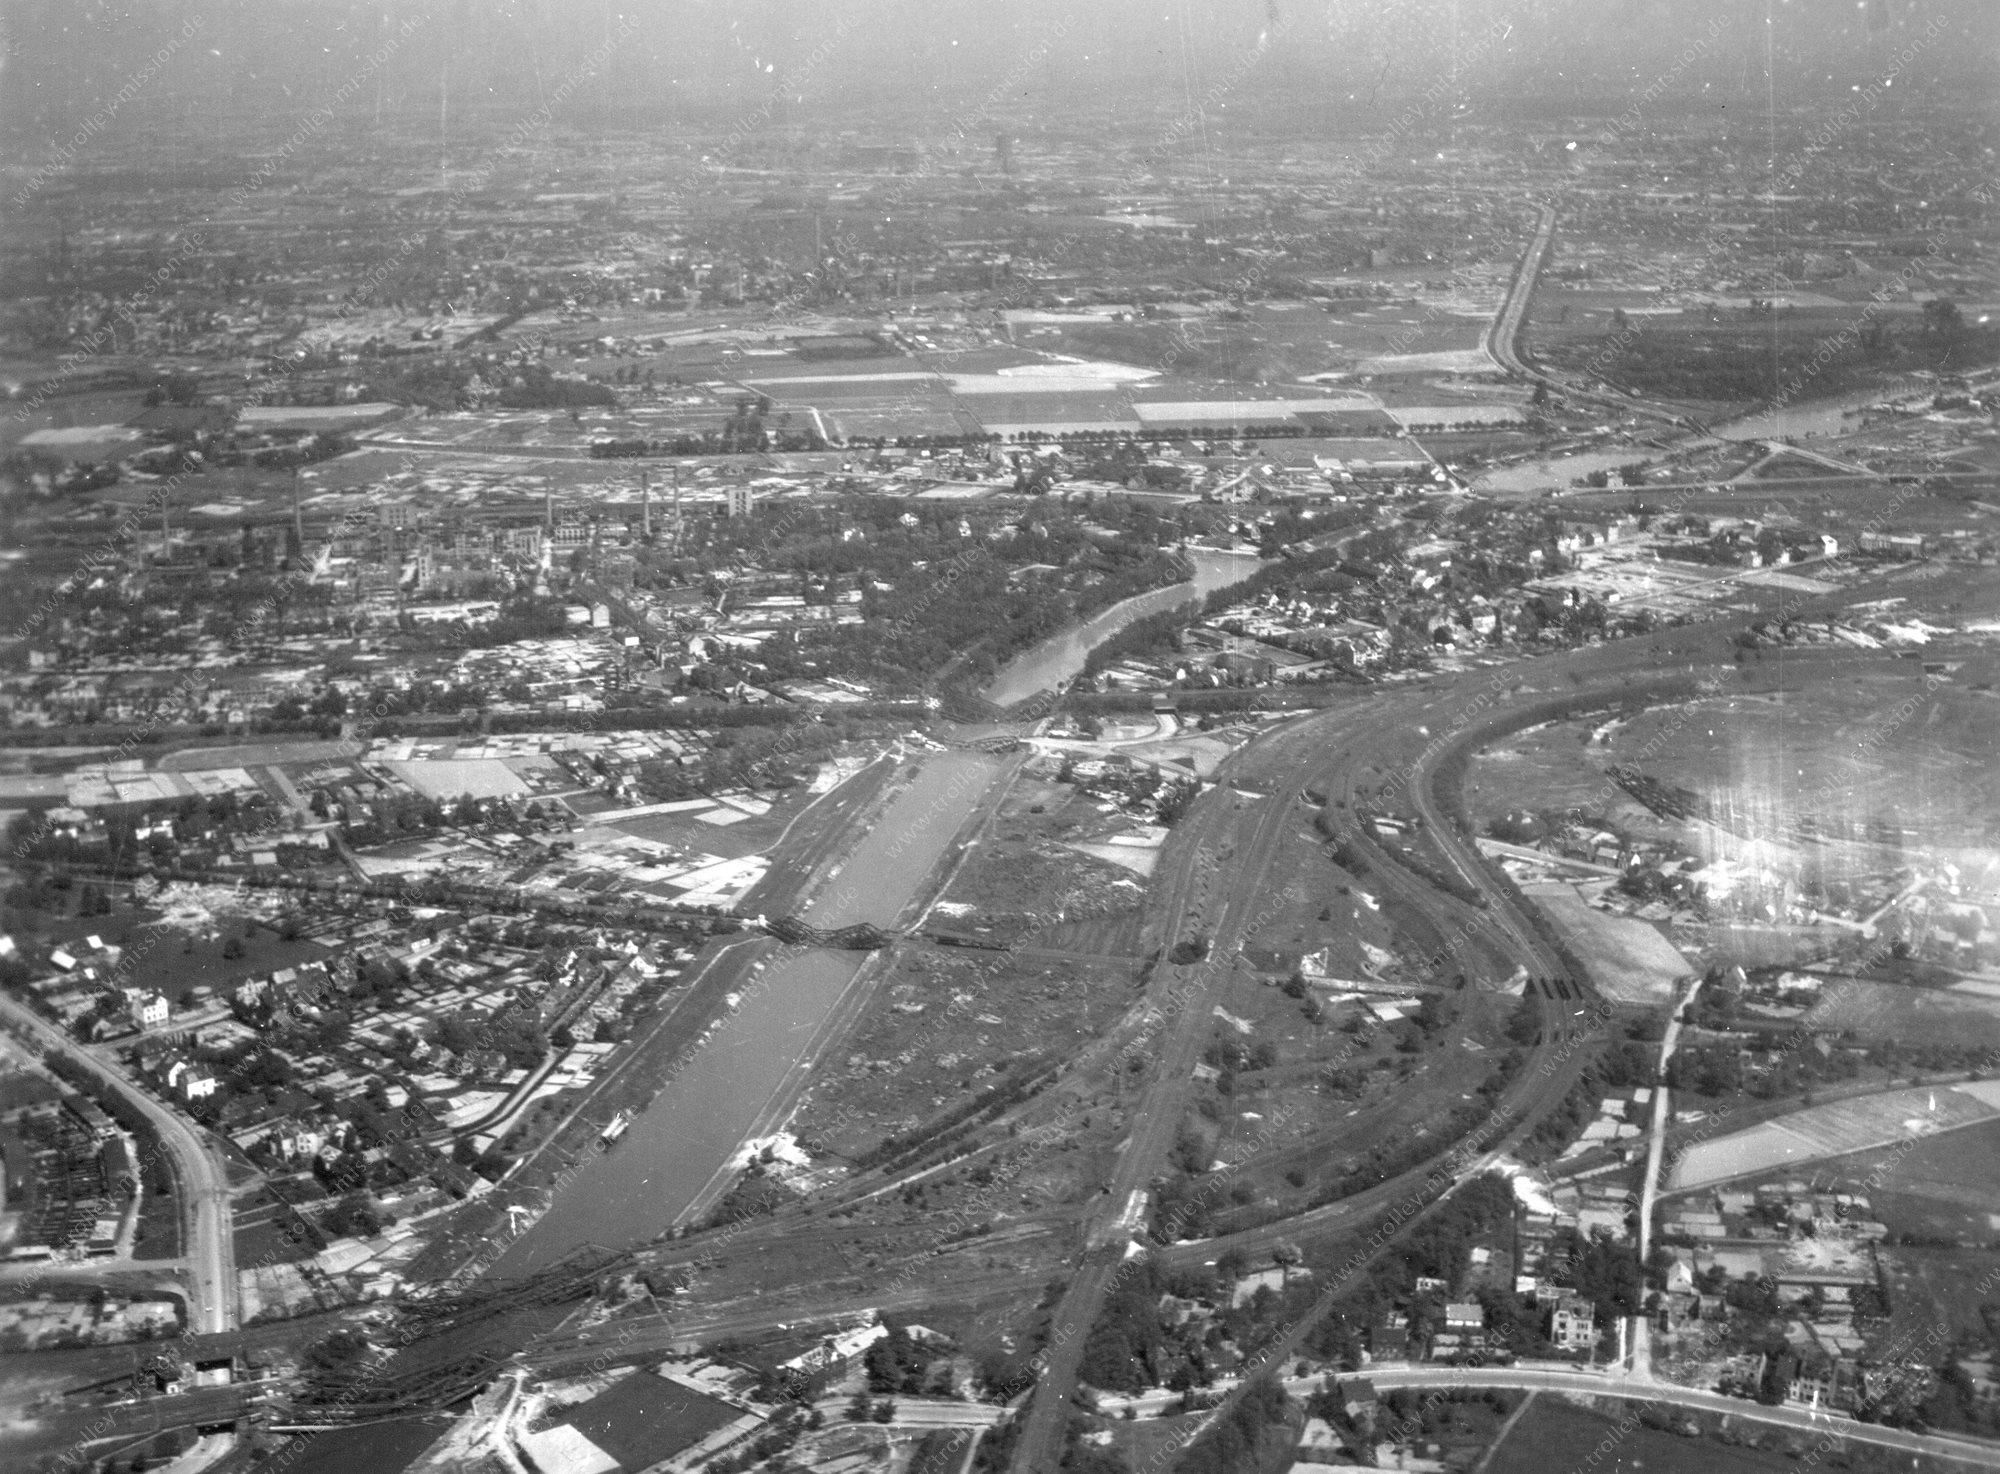 Luftbild von Duisburg und Bahnhof Duisburg-Ruhrort